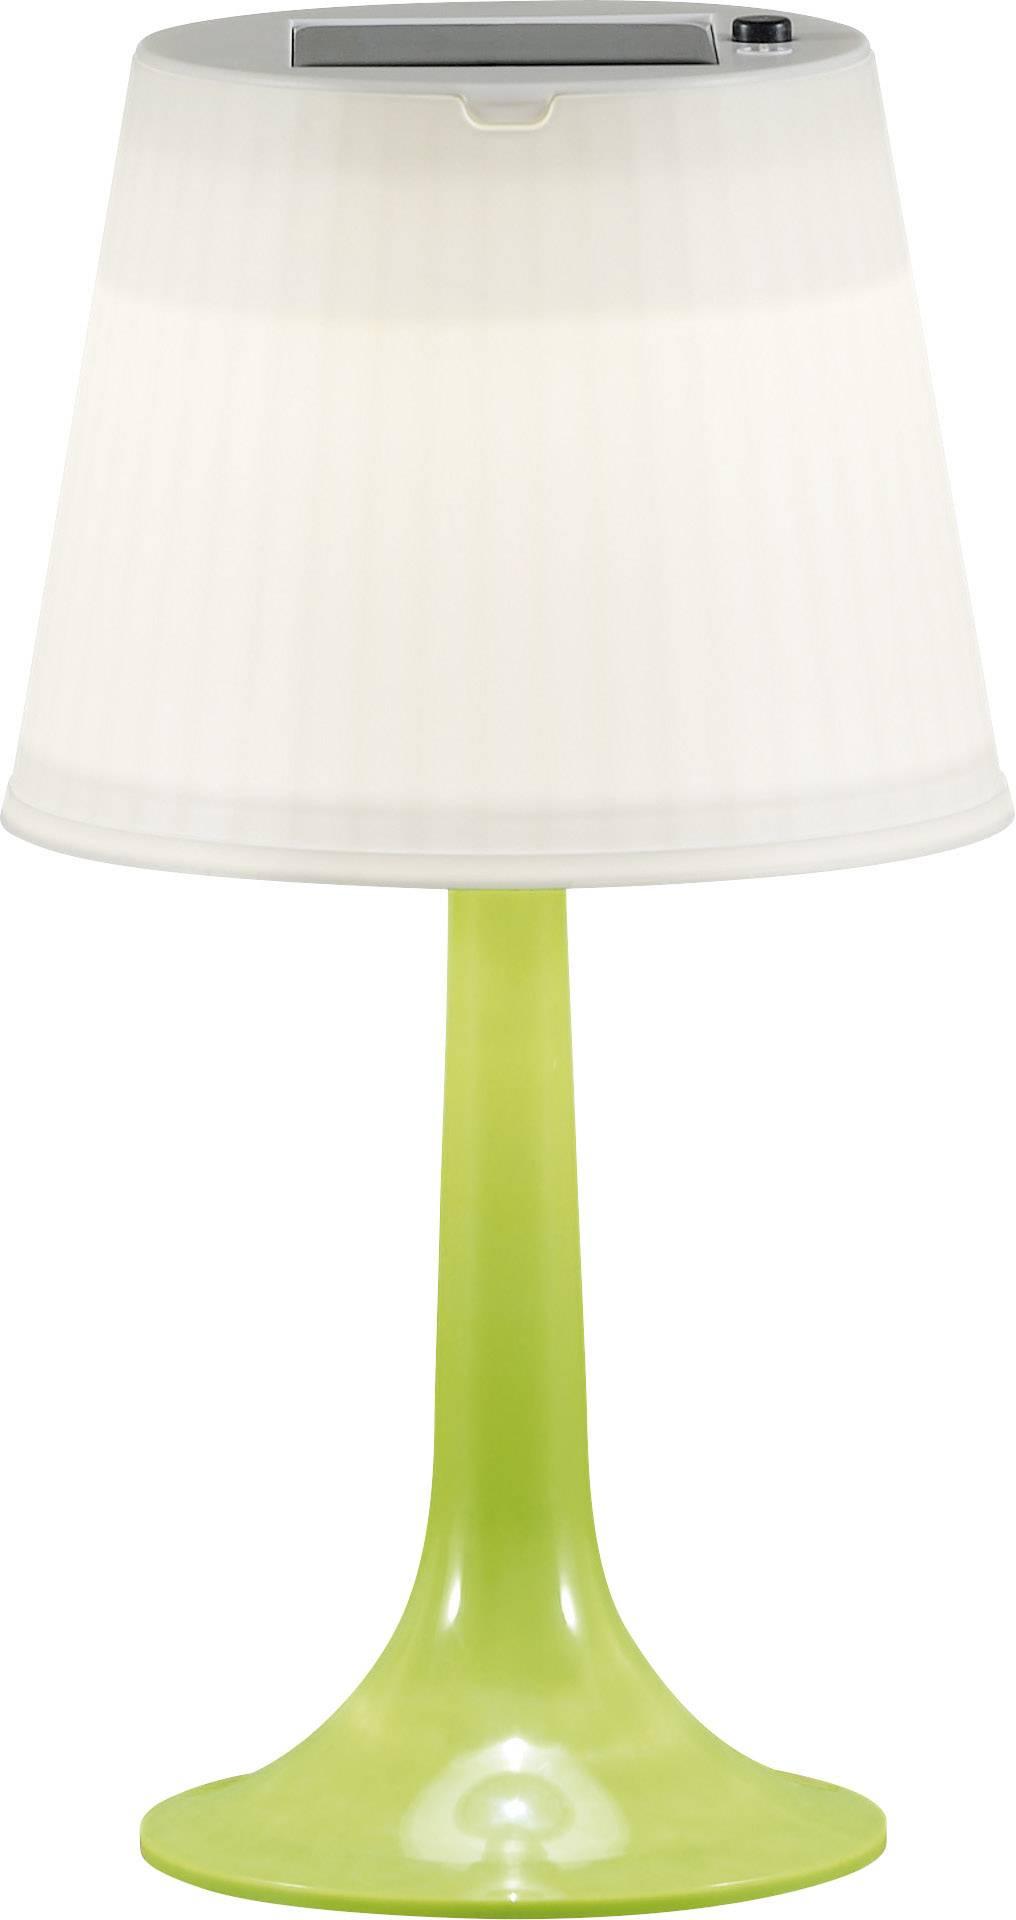 Solární stolní lampa 0.5 W neutrálně bílá Konstsmide Assis Sitra 7109-602 zelená